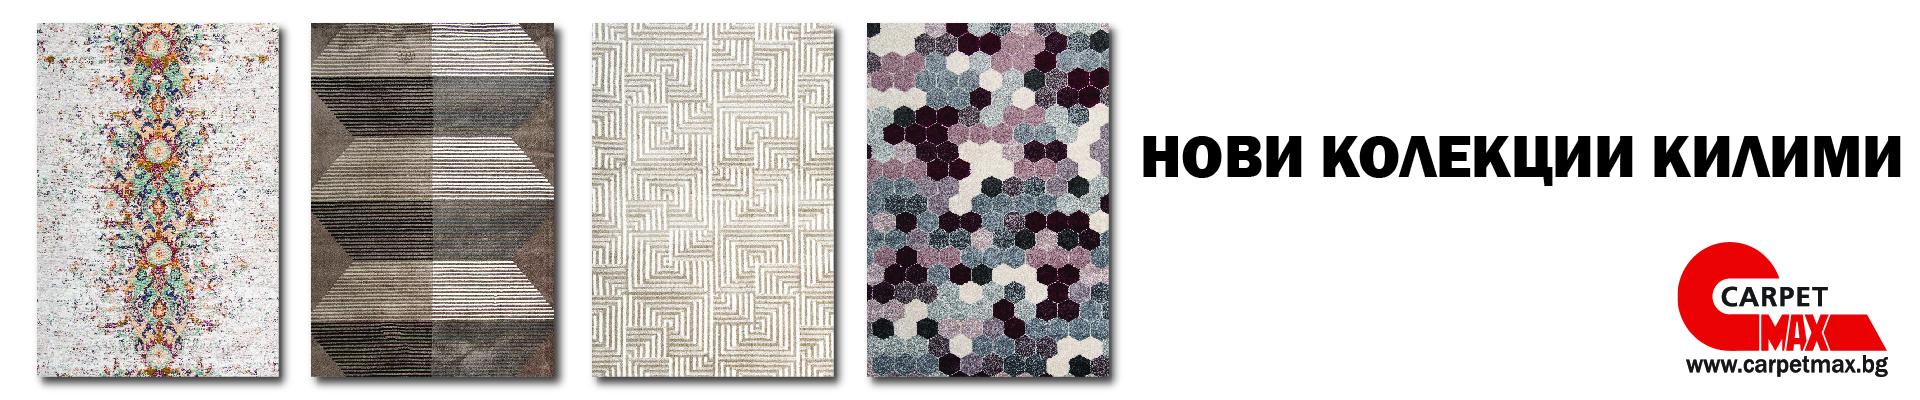 Нови колекции килими-май 2020